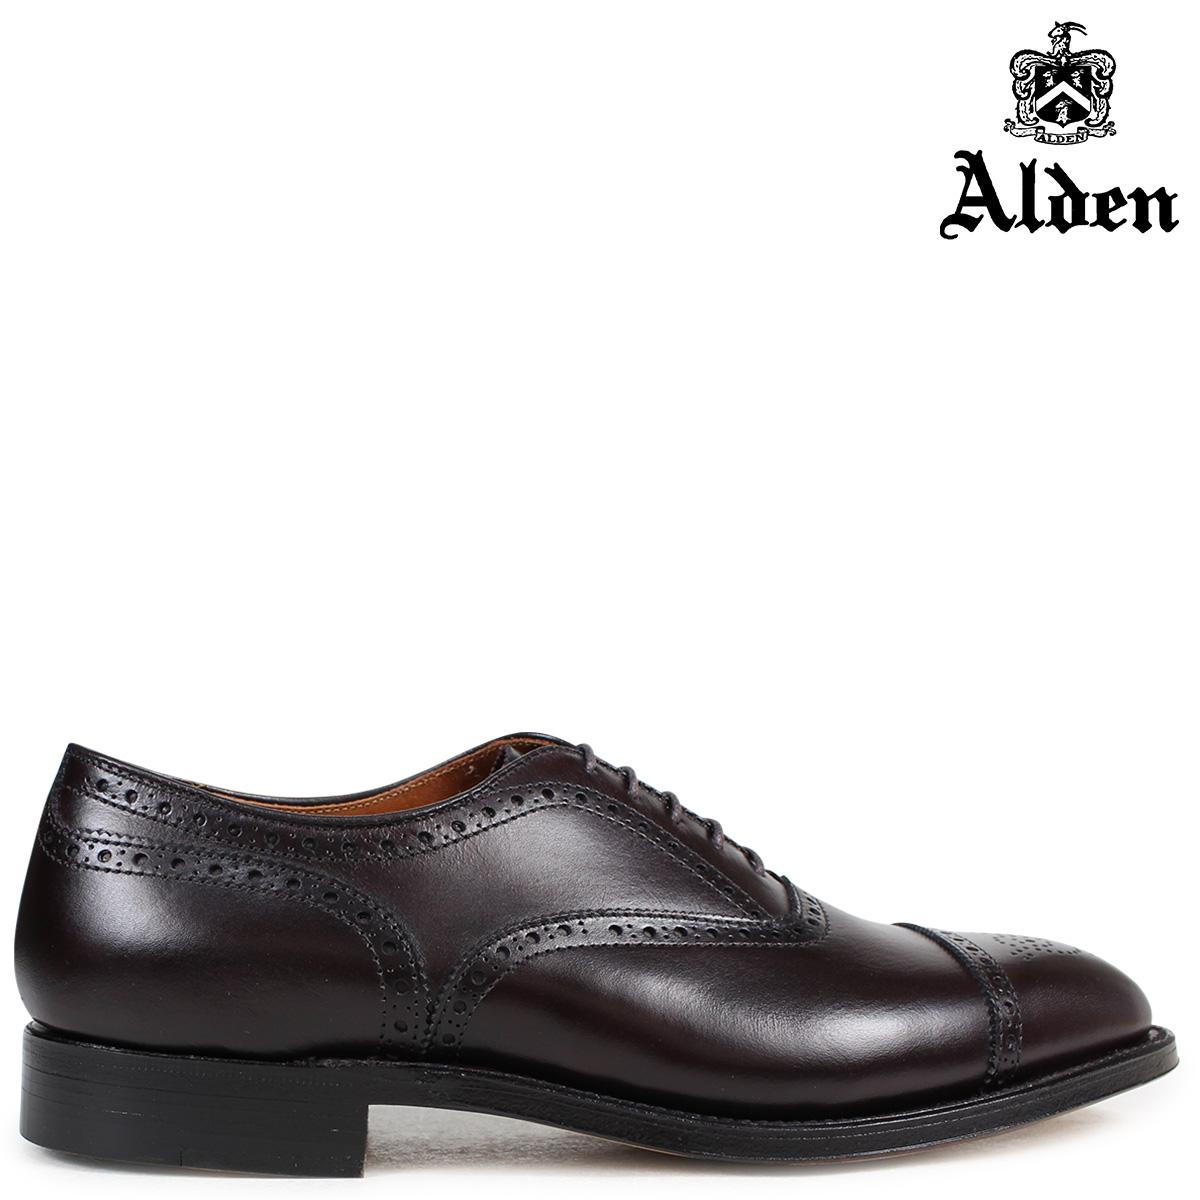 オールデン ALDEN オックスフォード シューズ メンズ MEDALLION TIP BAL OXFORD Dワイズ 908